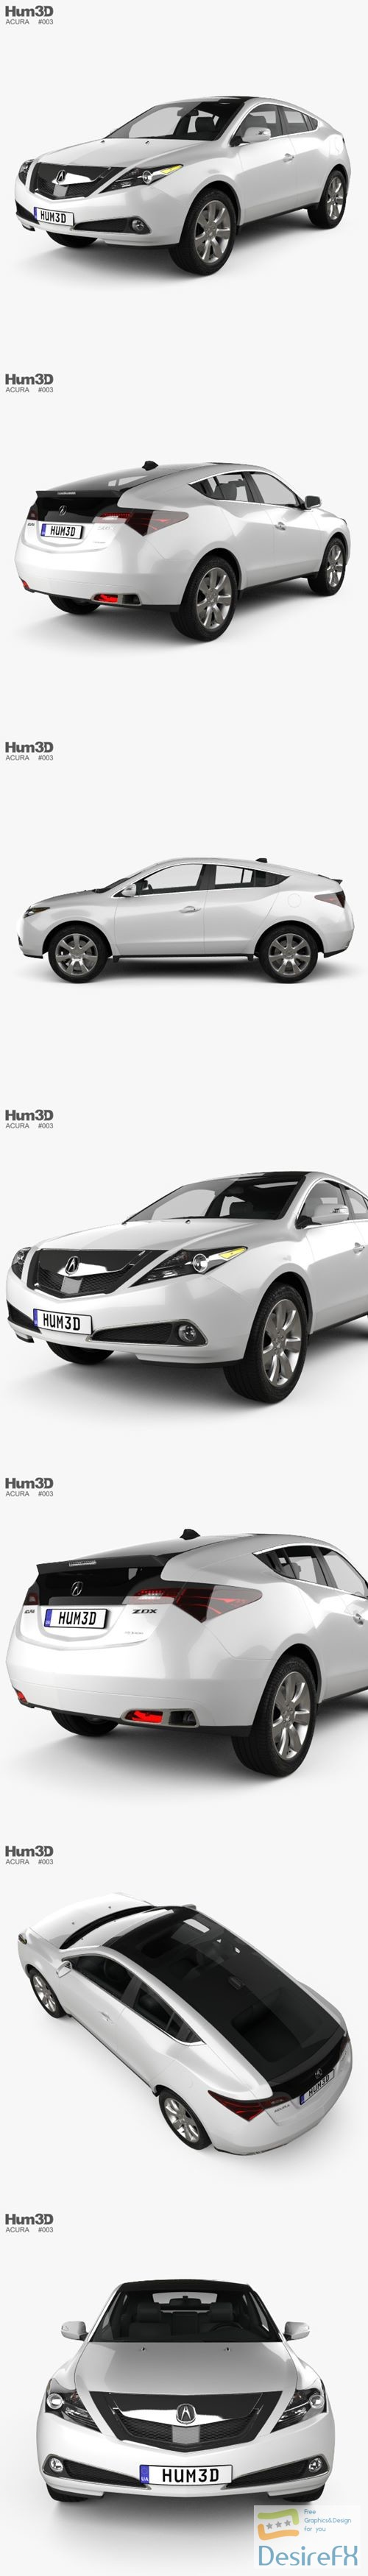 3d-models - Acura ZDX 2012 3D Model